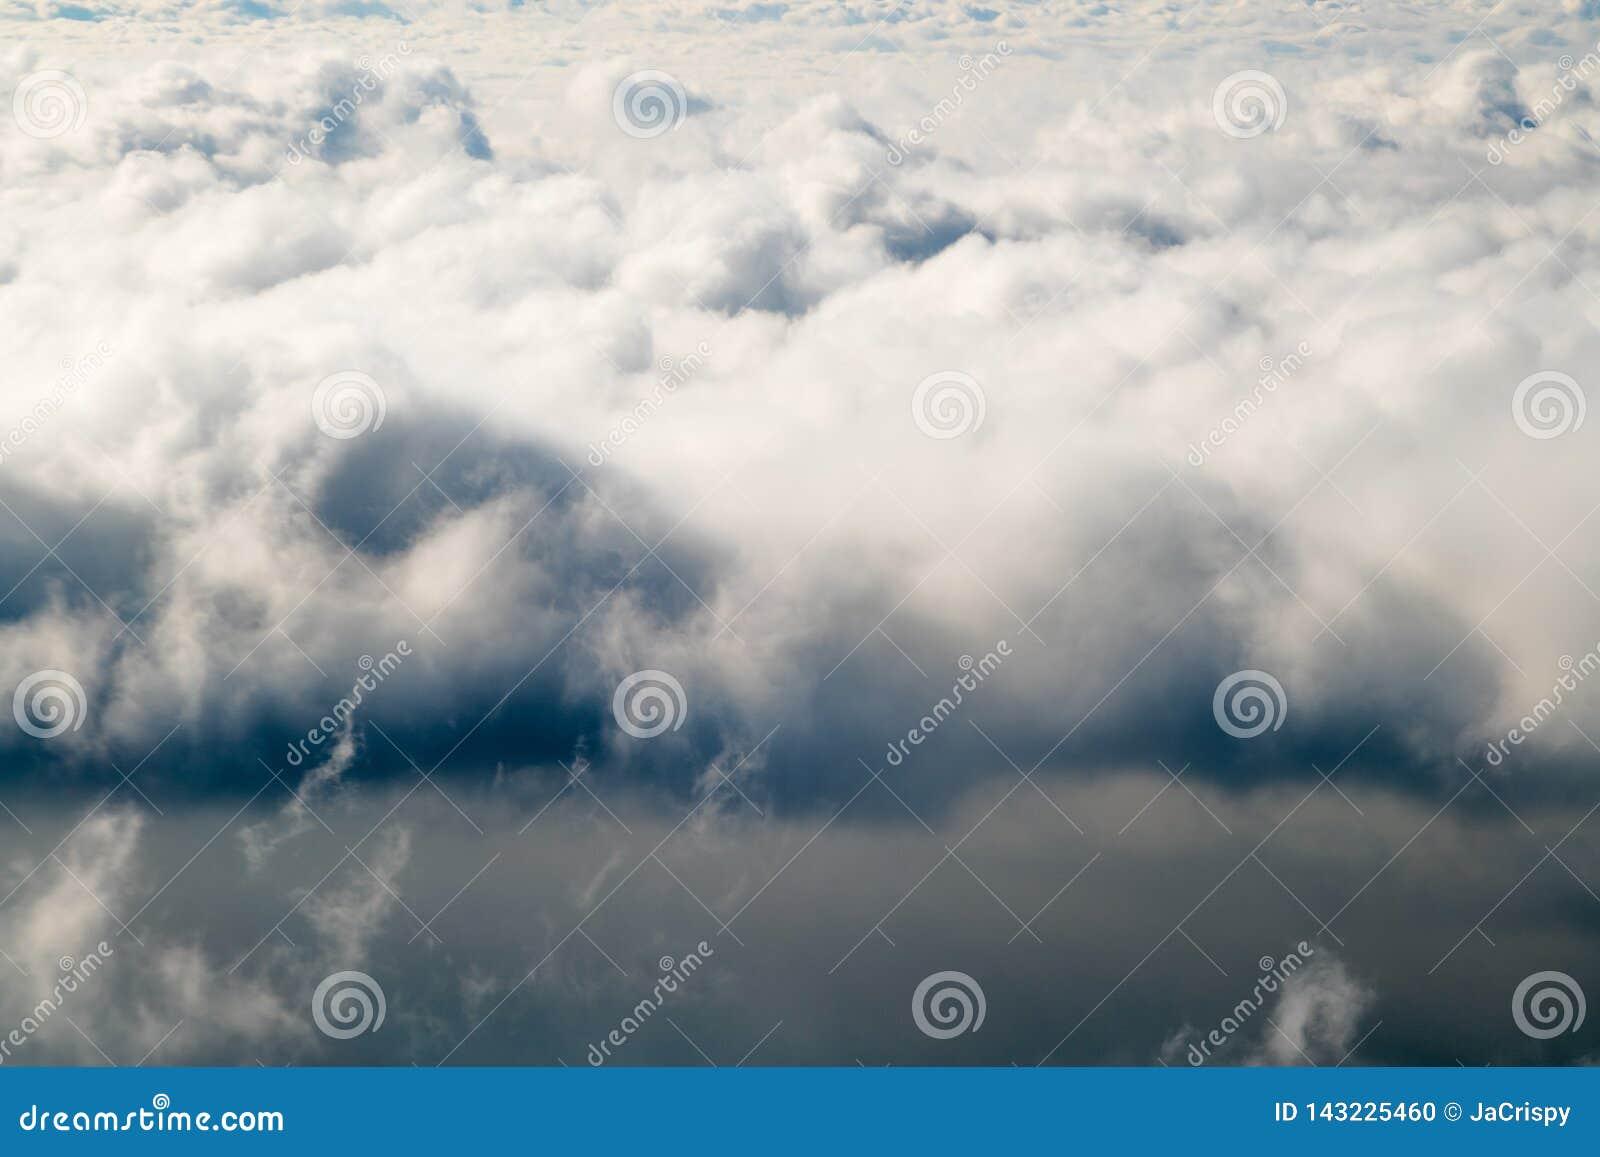 Σκοτεινά θυελλώδη σύννεφα βροχής στον ουρανό Δραματικό υπόβαθρο σύννεφων βροχής χωρίς έδαφος, άσχημος καιρός